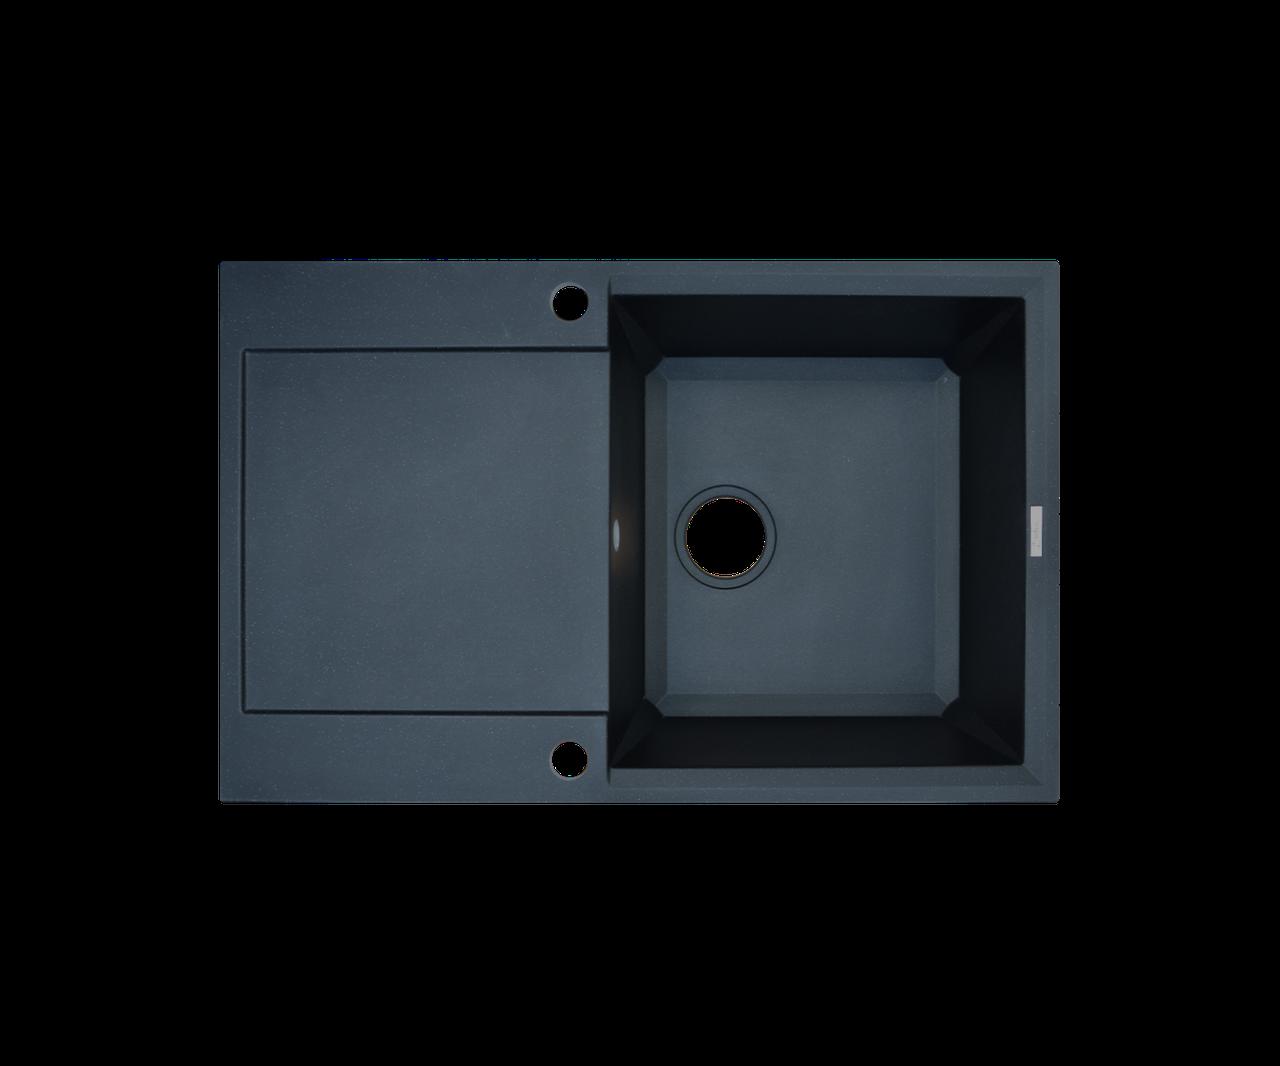 Кухонна мийка Borgio (граніт) PRH-790x500 (чорний)